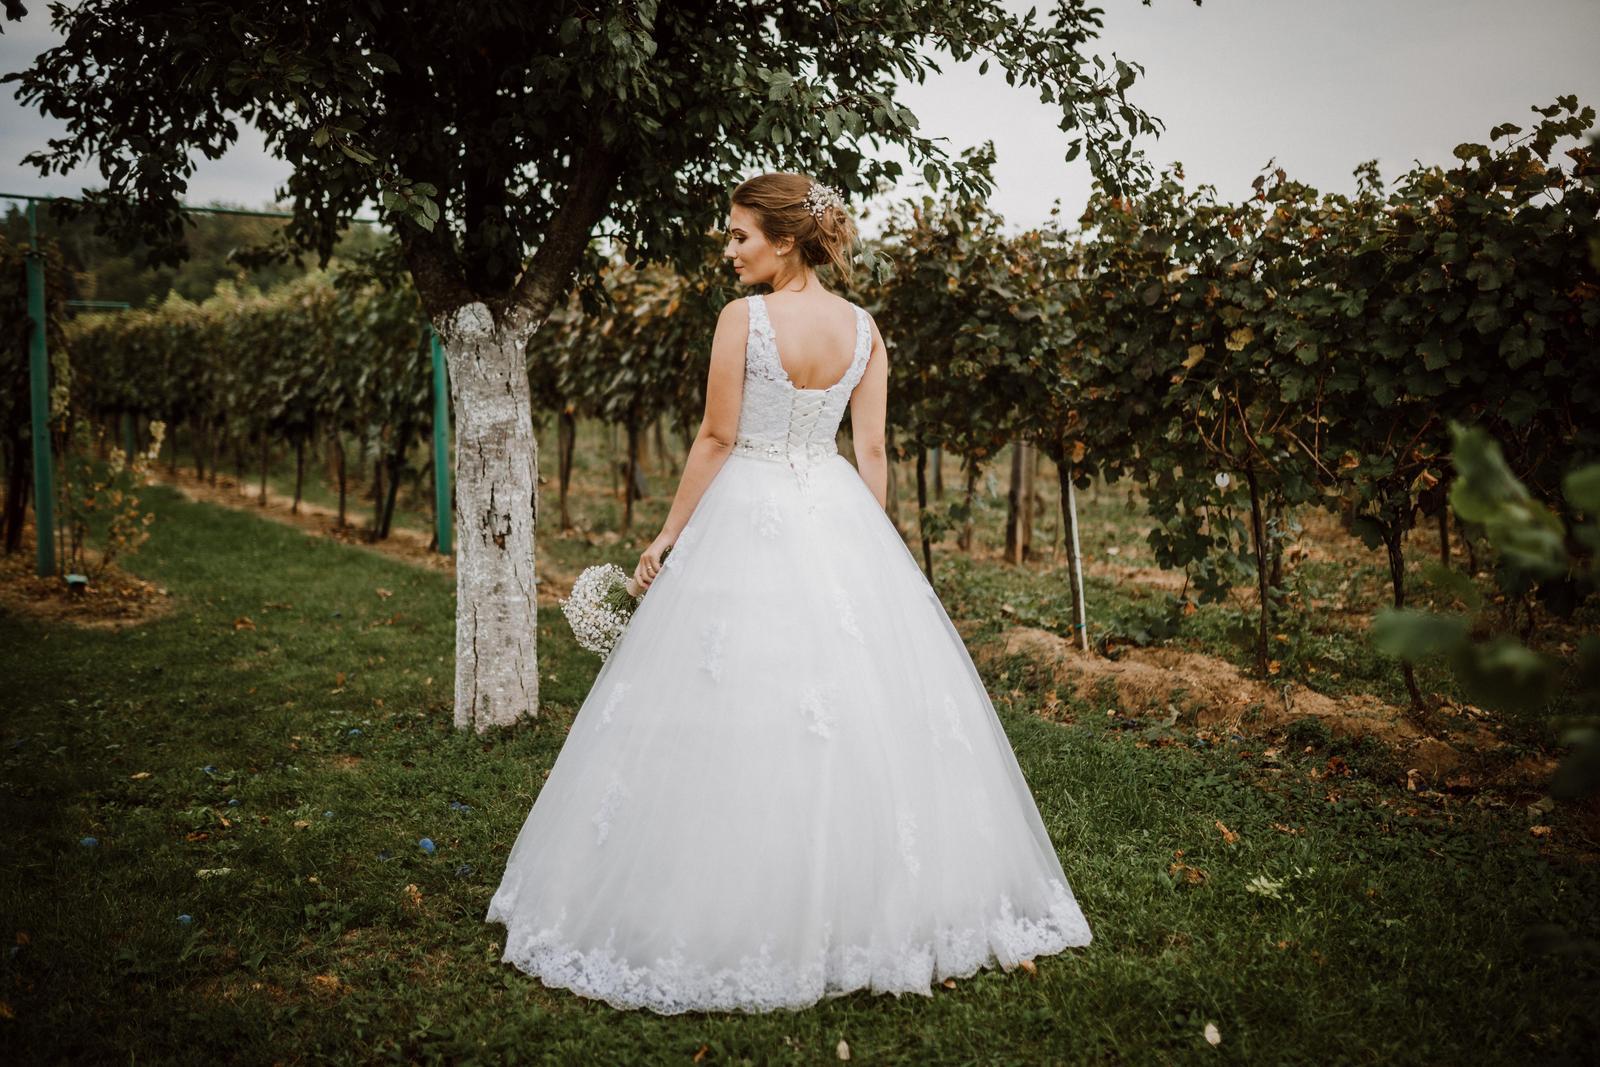 Svadobné šaty pre princeznú - Obrázok č. 4